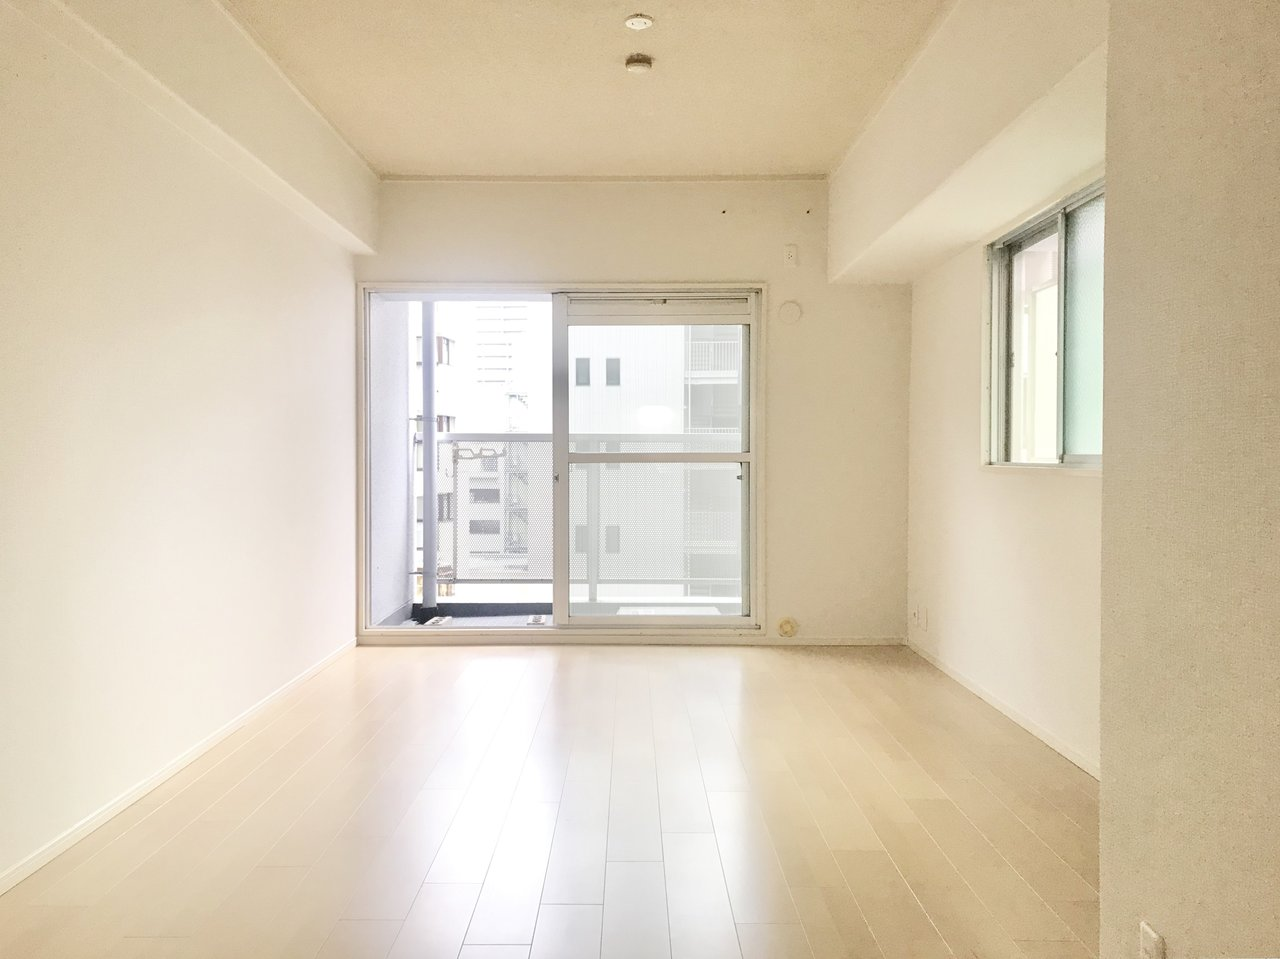 続いては、縦に長いリビングがあるワンルームタイプのお部屋。こちらもワンルームながら、広さは十分。なんと13.5畳もあるのです!しかも2面採光なので日当たりも良く明るい印象のお部屋です。